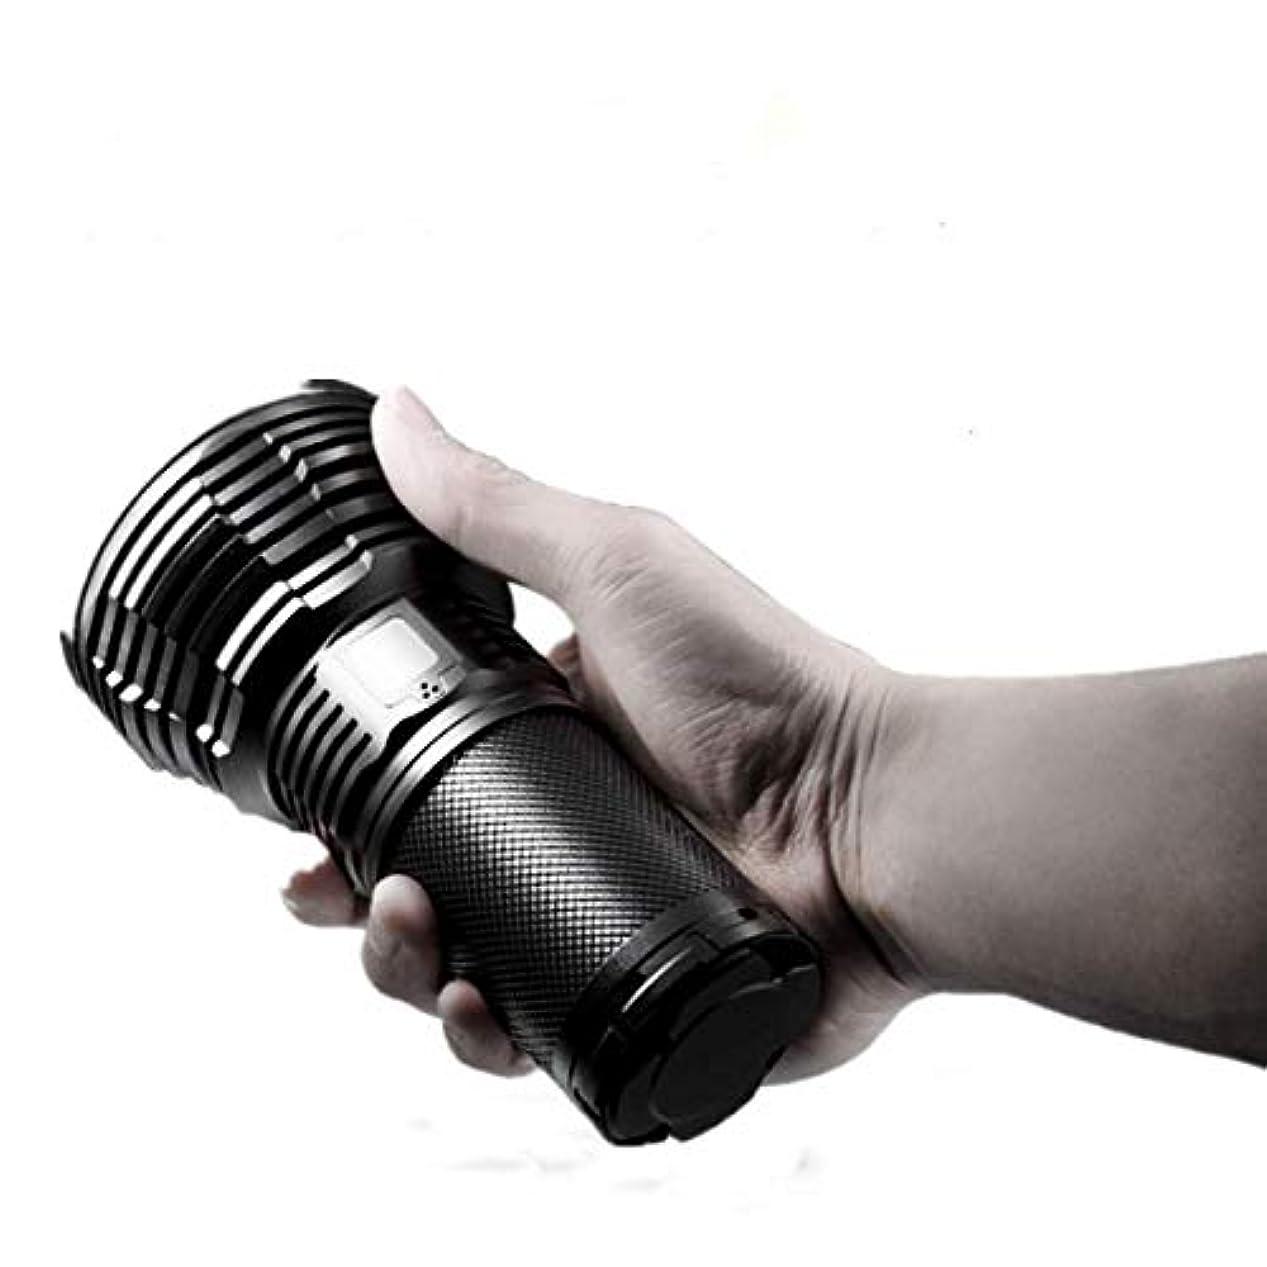 藤色貧しい百年懐中電灯 IMALENT RT35 ハンディライト 最高輝度2350lm照射距離1338m 継続点灯36時間 4段階点灯+ターボ/ストロボ 【5年間品質保証】